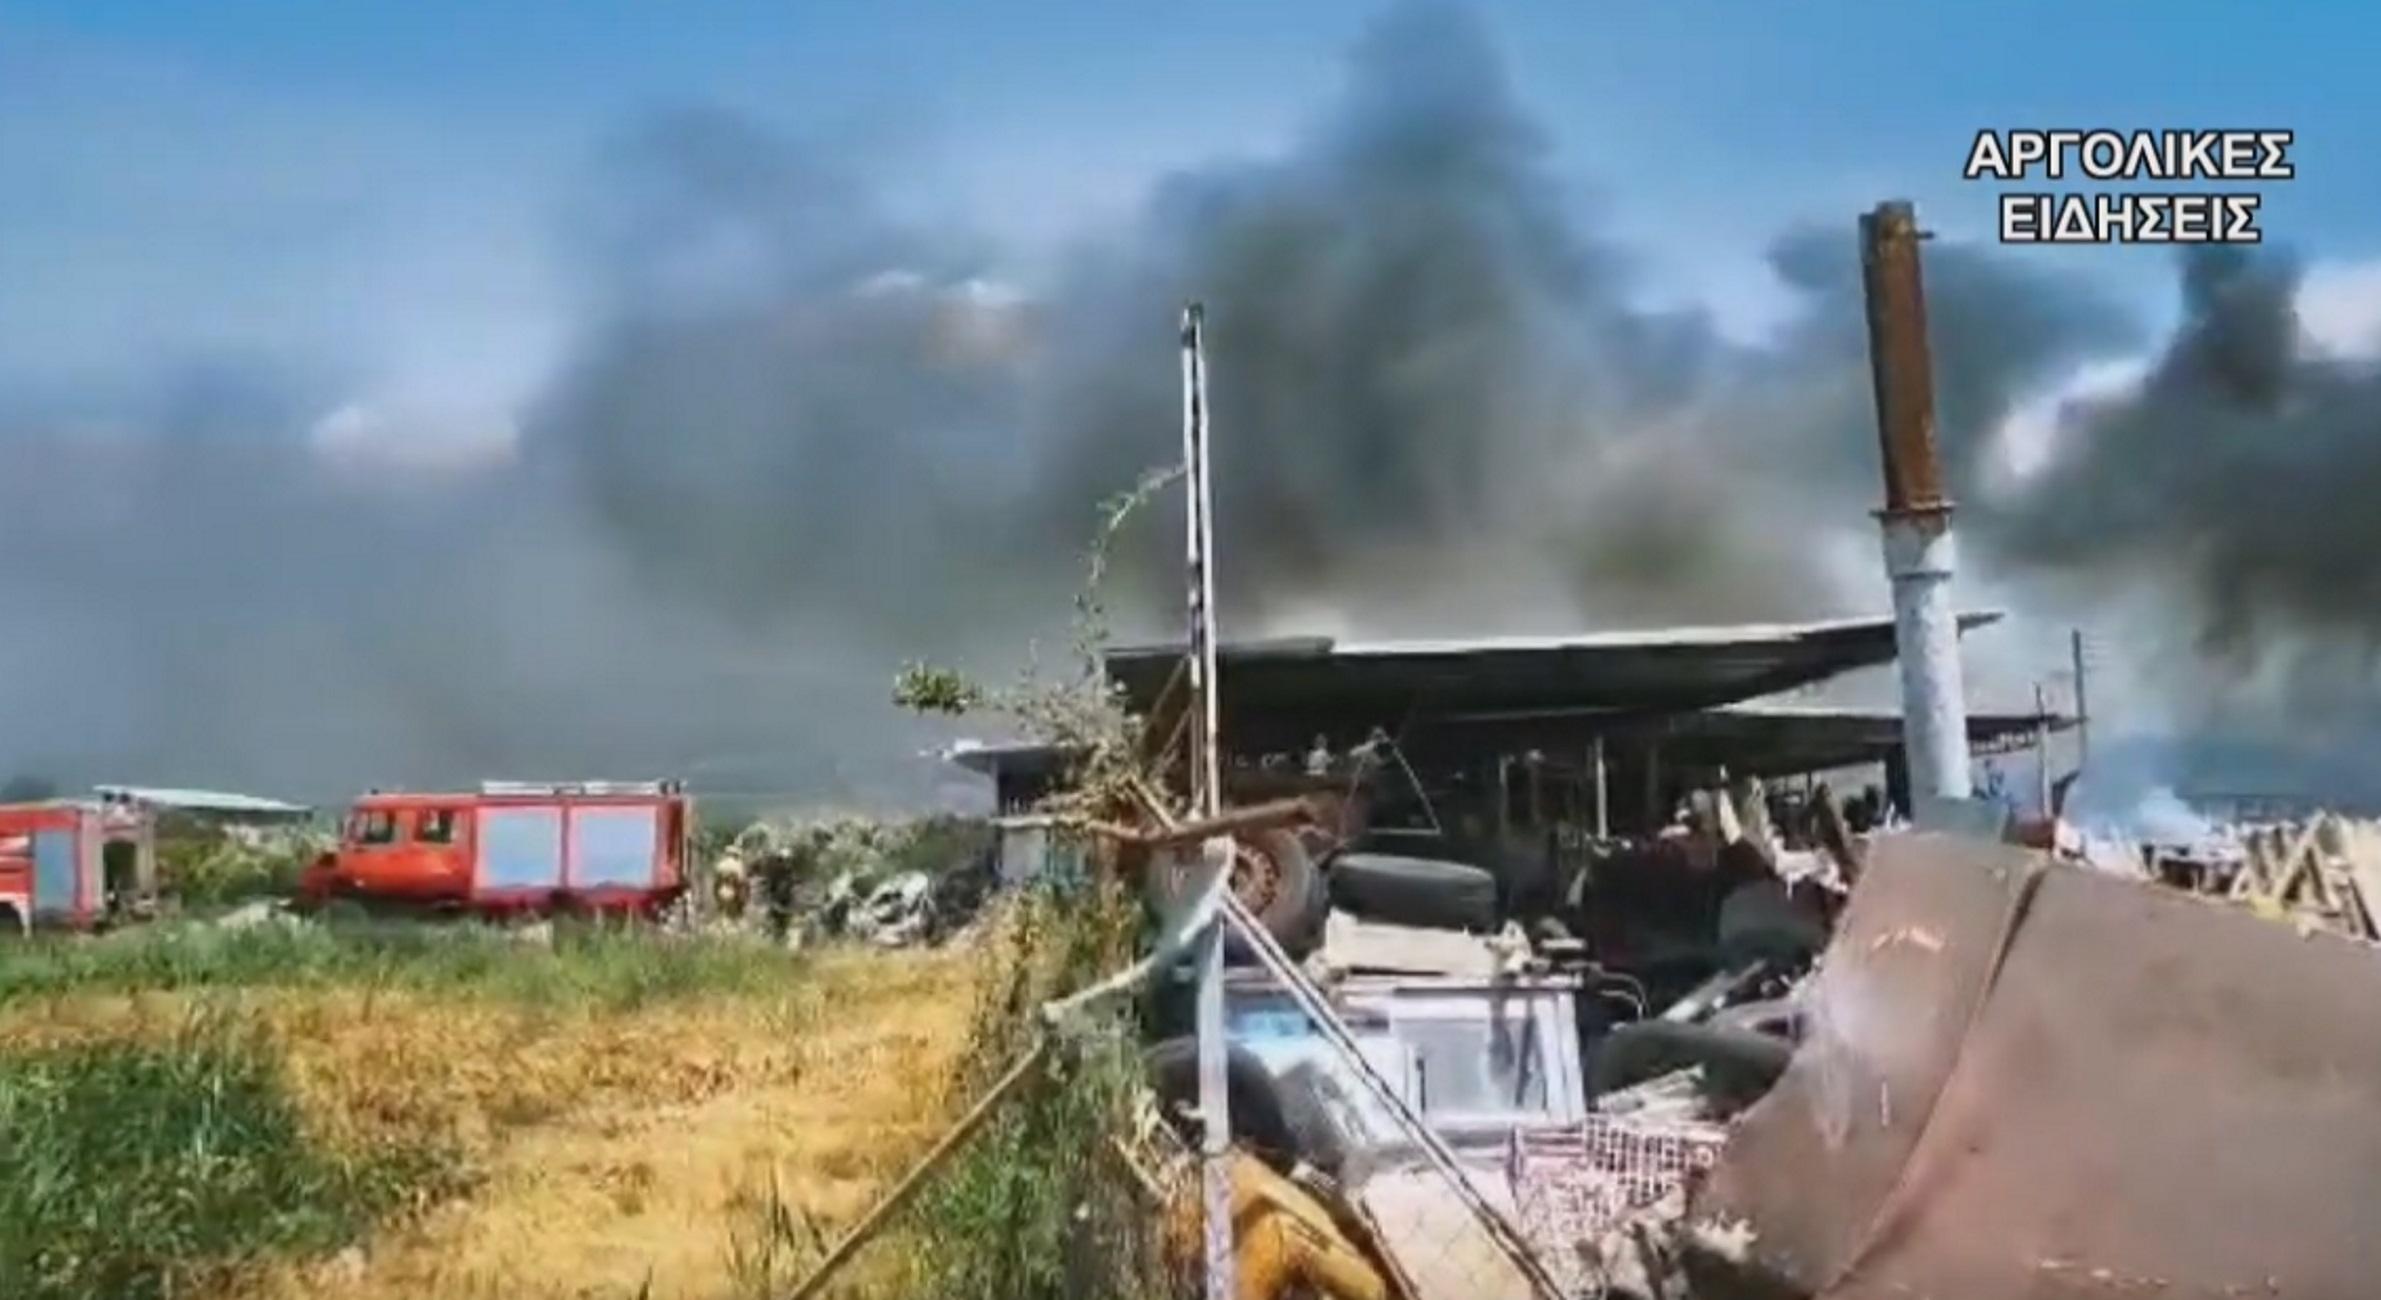 Άργος: Φωτιά σε αποθήκη με λάστιχα και παλιά αυτοκίνητα – Σκέπασε την πόλη ένα σύννεφο μαύρου καπνού